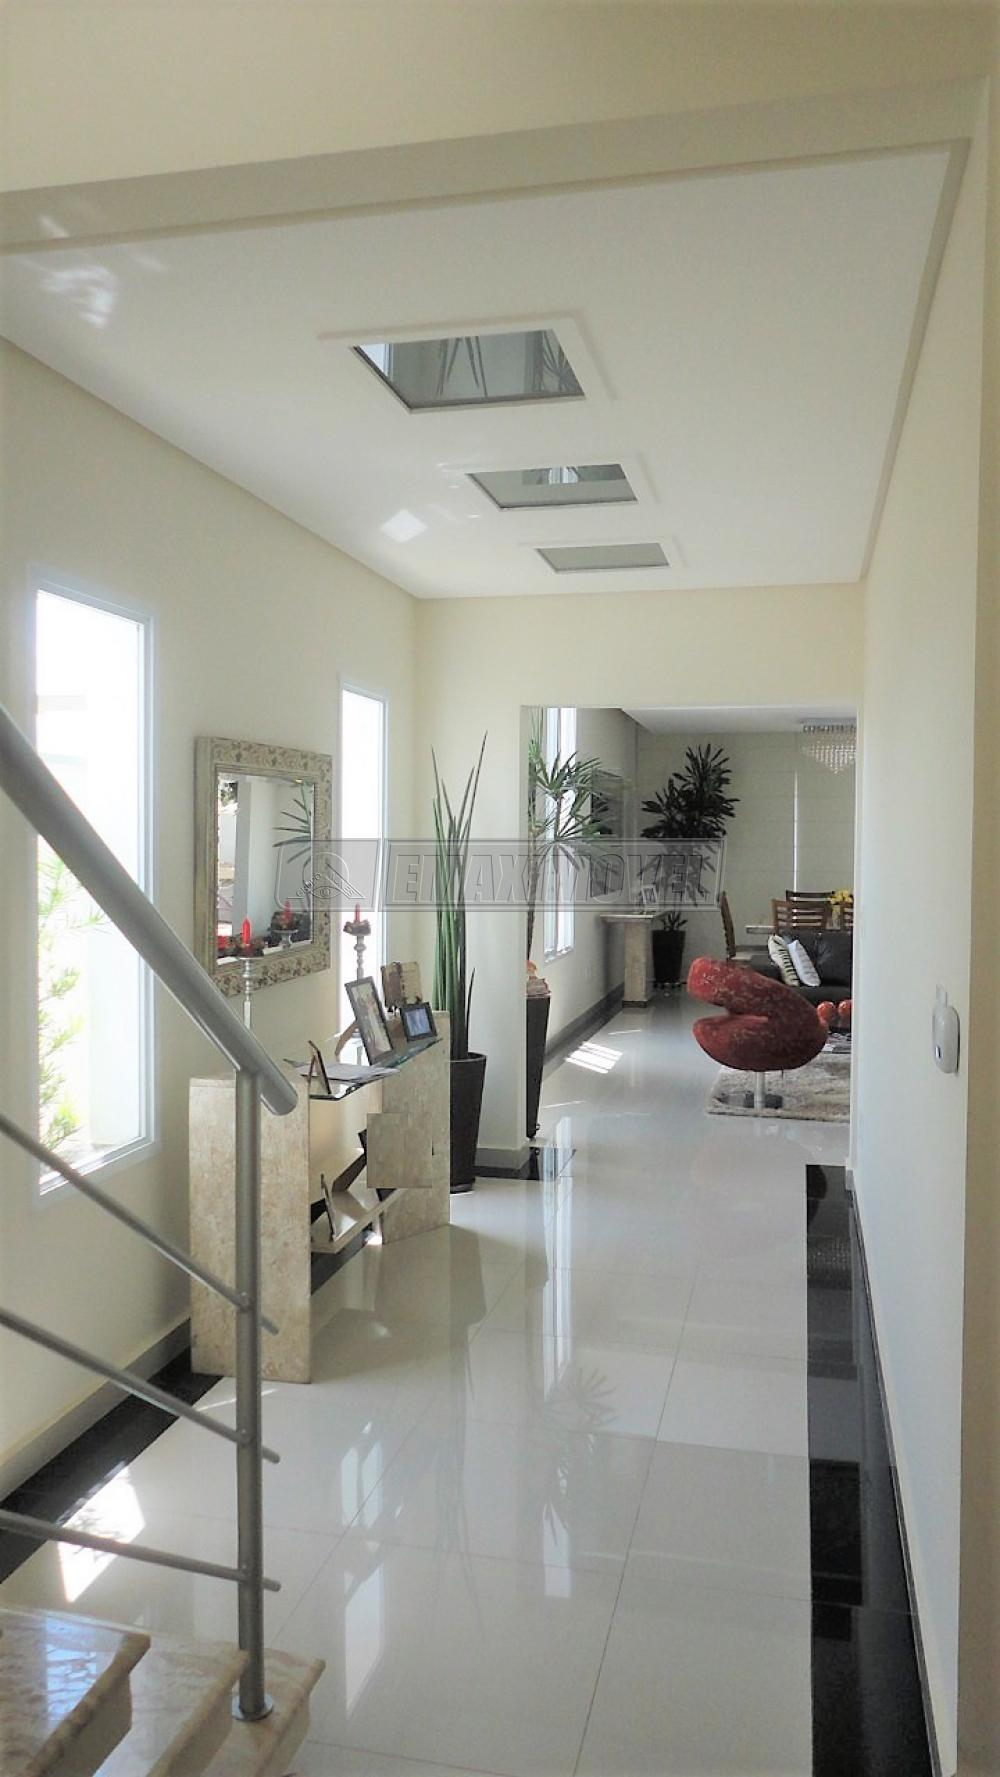 Comprar Casas / em Condomínios em Sorocaba apenas R$ 1.700.000,00 - Foto 2